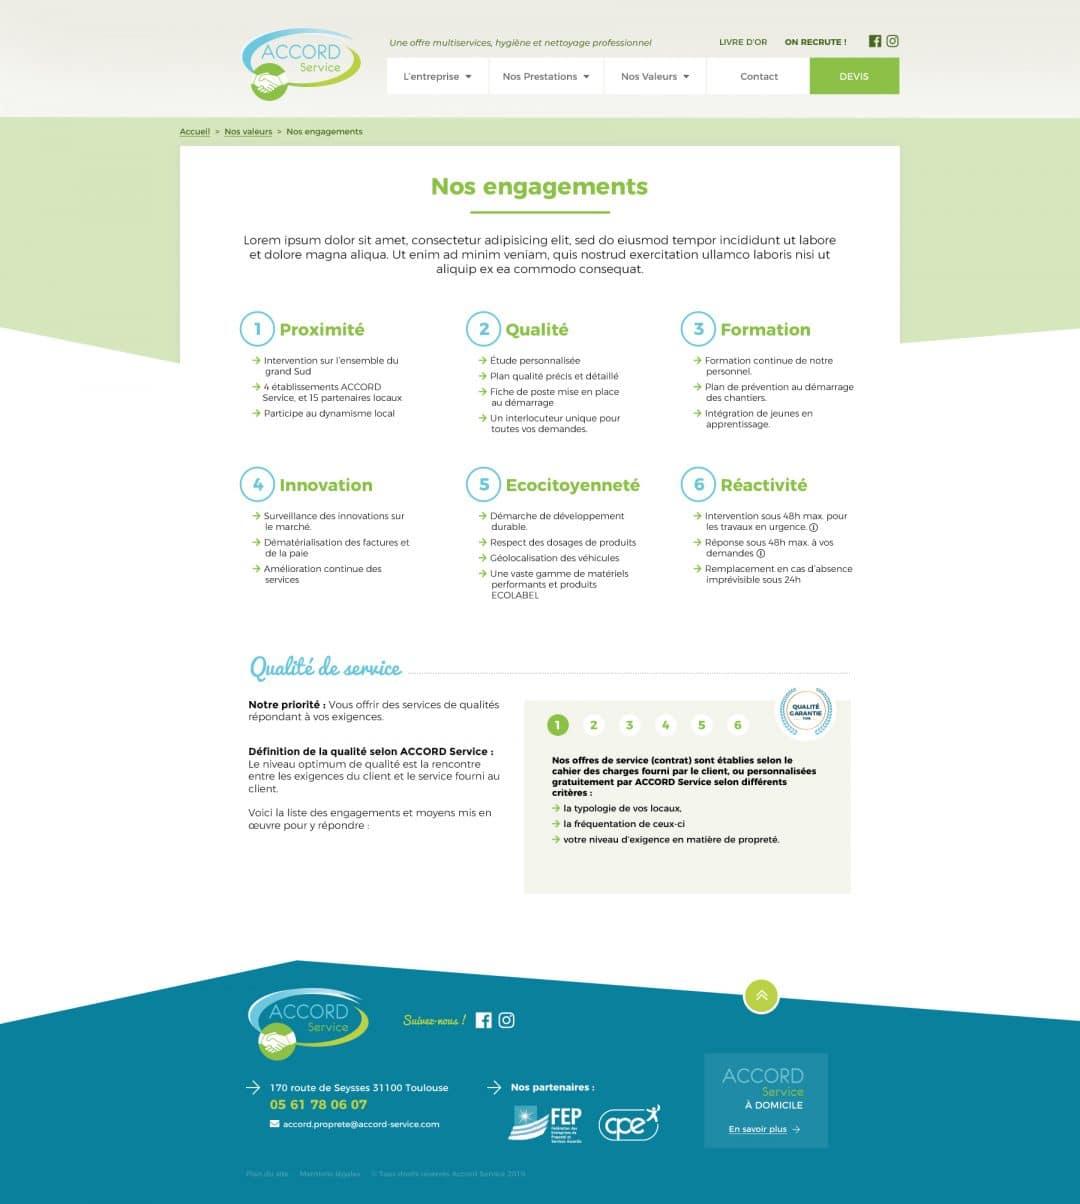 Accord Service - Page de texte